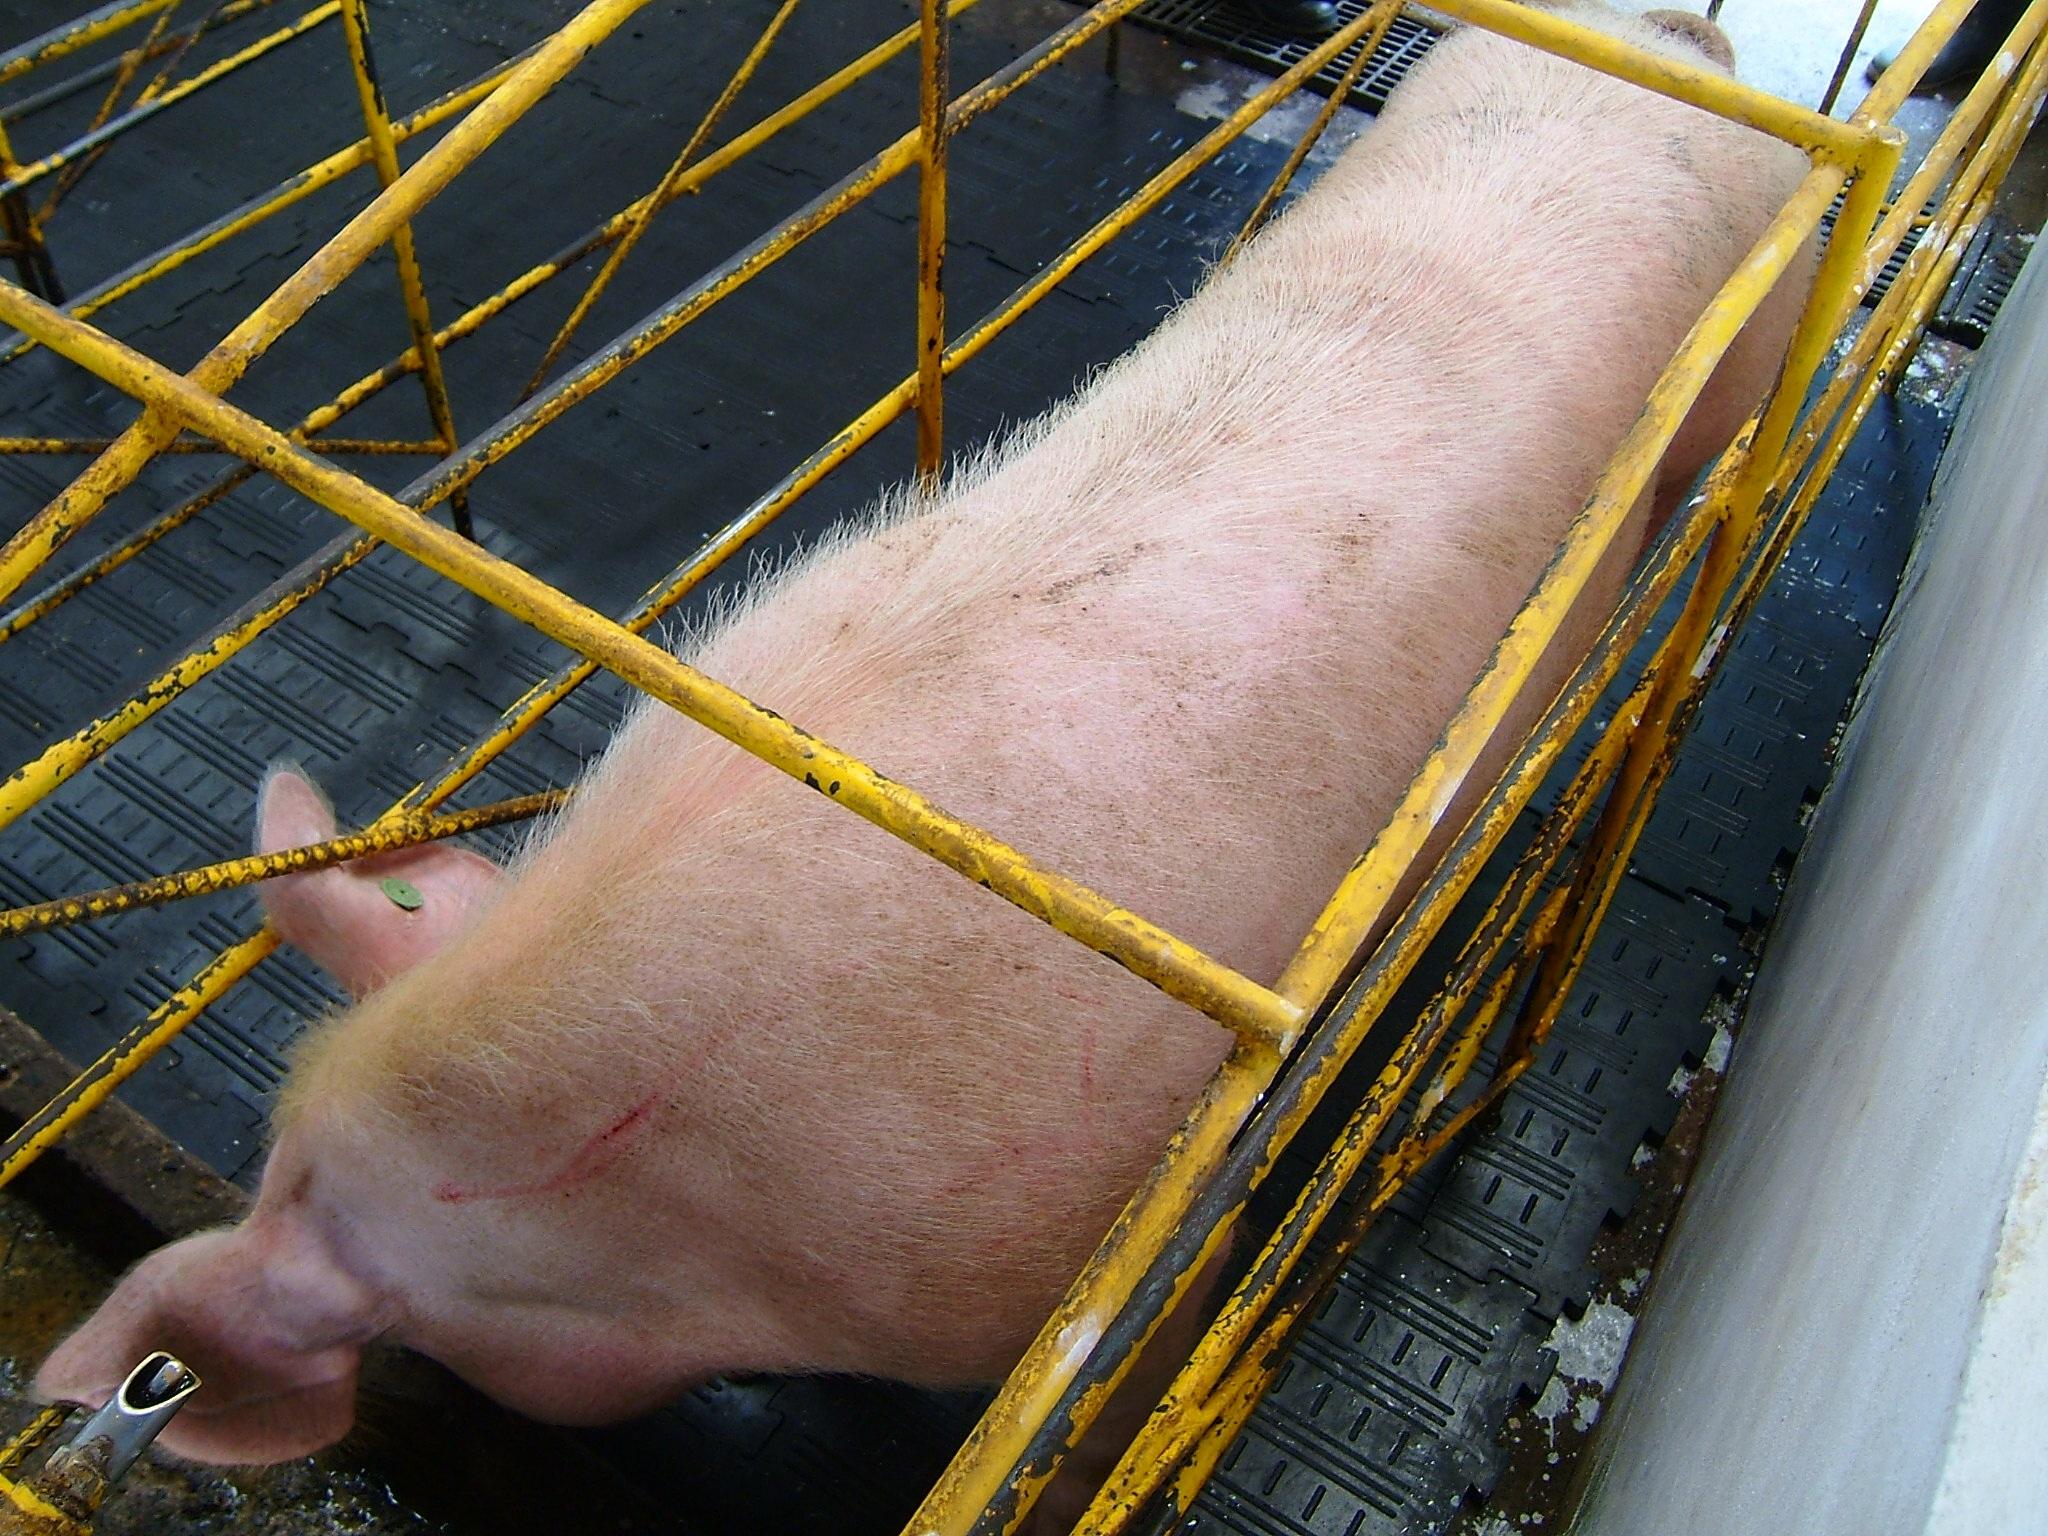 Piso Caucho Goma Caballeriza Equinos Ganaderia Ganado Vacas Porcinos Porqueriza Cerdos Establo Sala Ordeño Espera Cirugia Gestacion